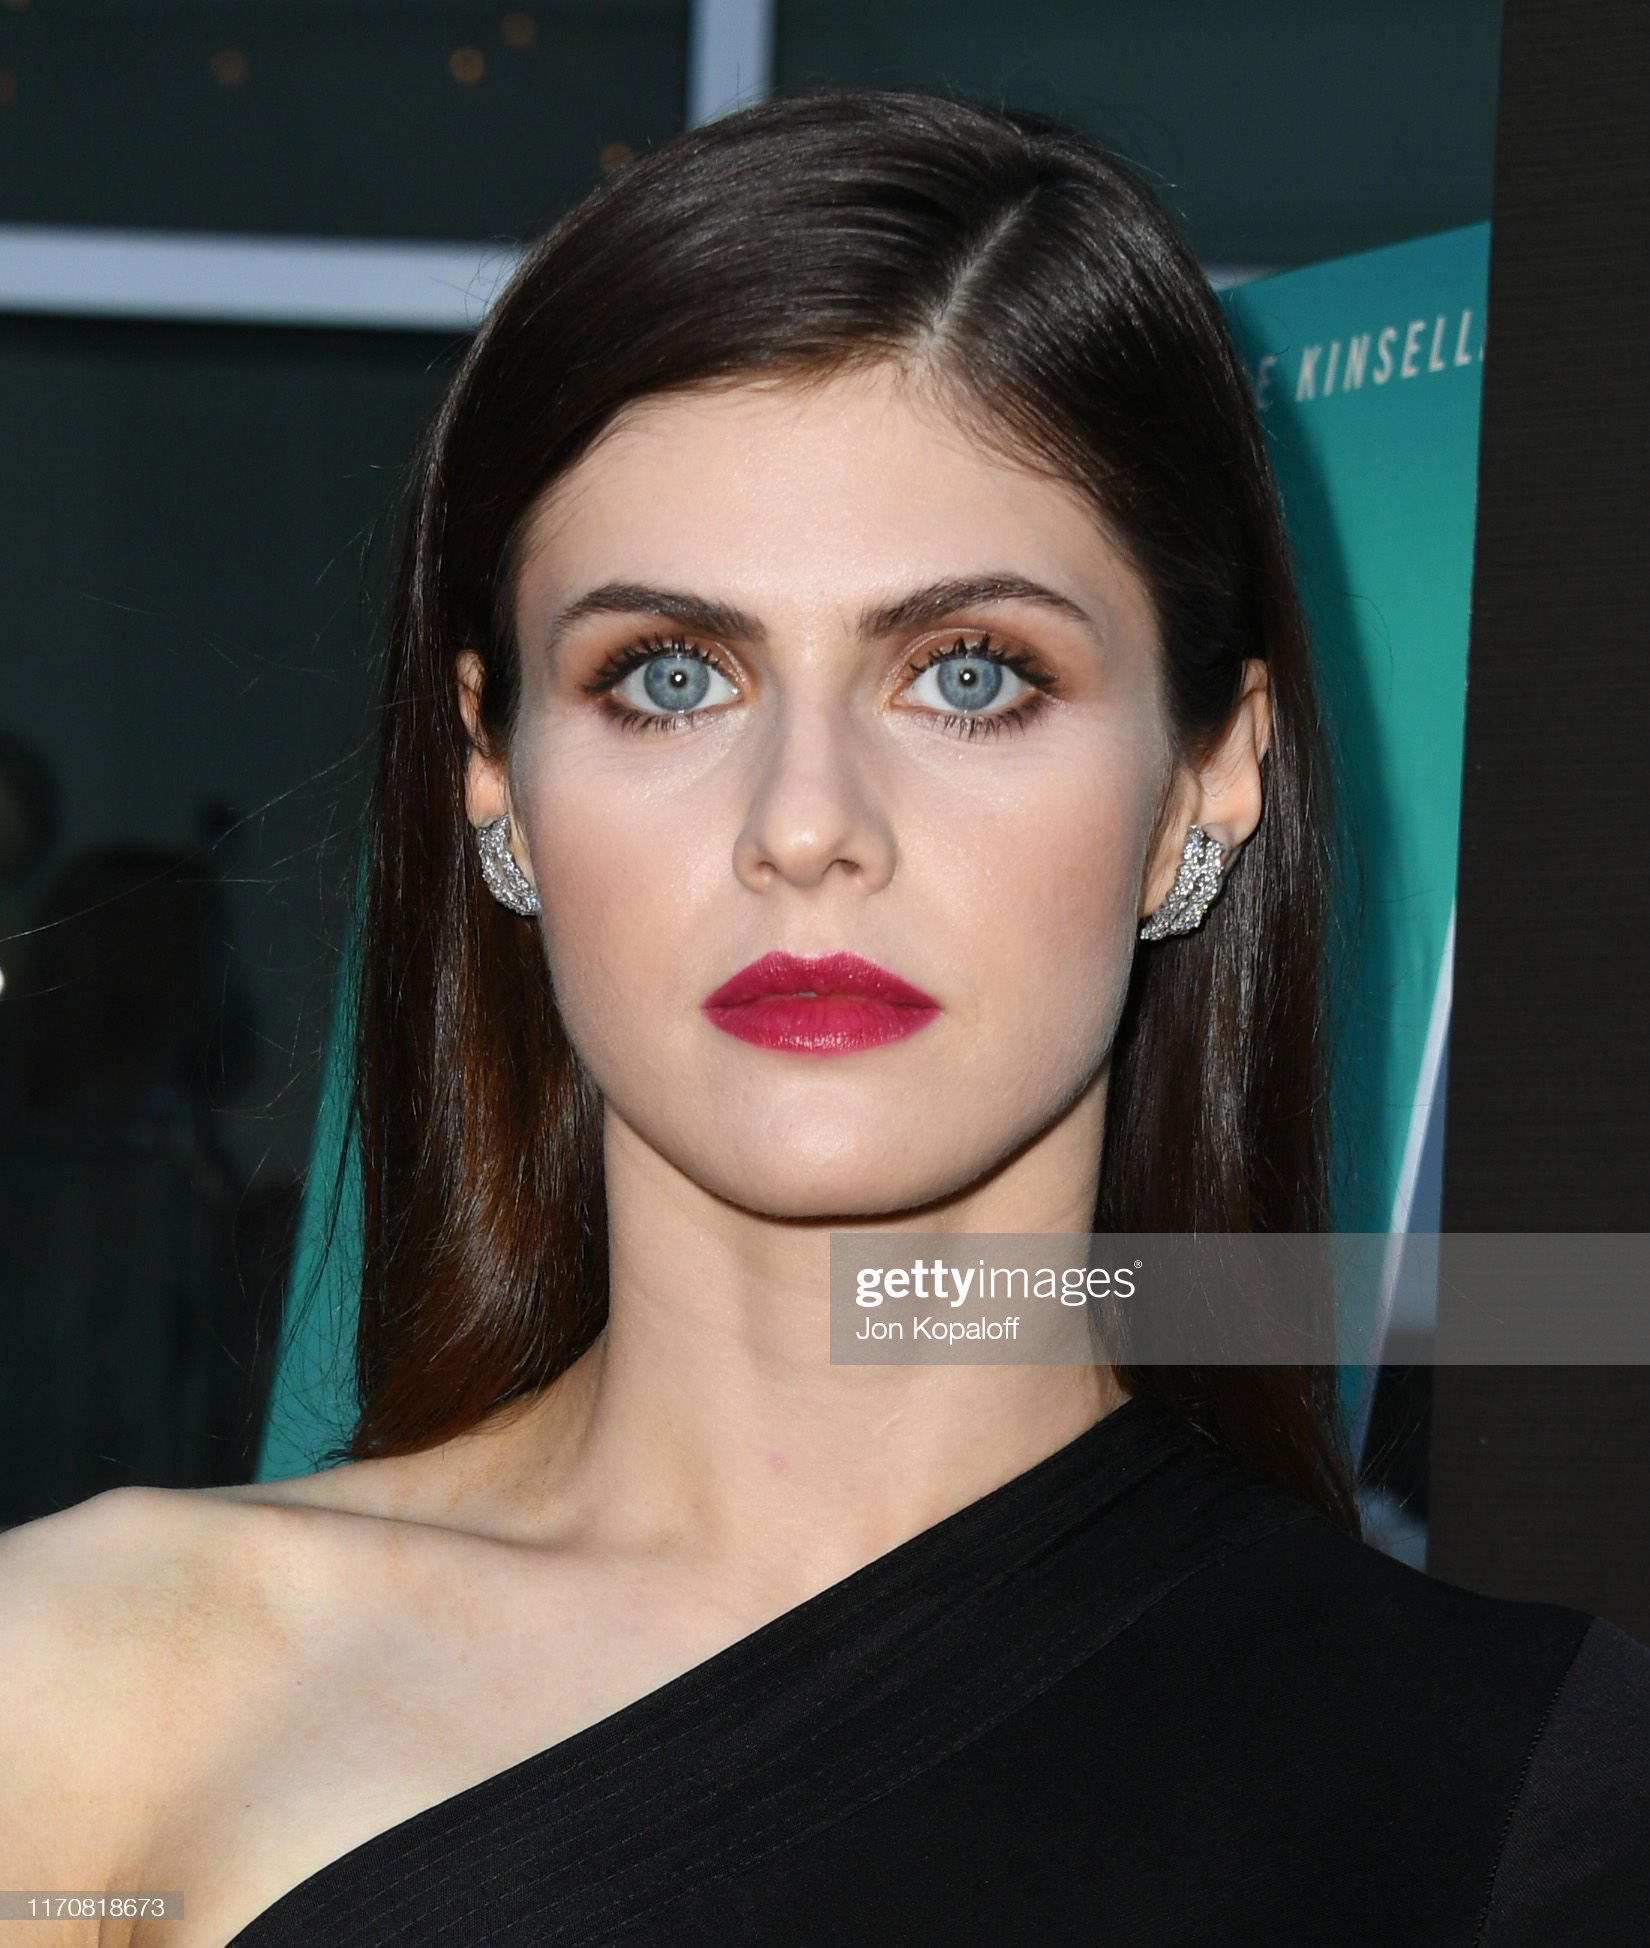 Ojos azules - personas famosas con los ojos de color AZUL Alexandra-daddario-attends-the-premiere-of-vertical-entertainments-picture-id1170818673?s=2048x2048